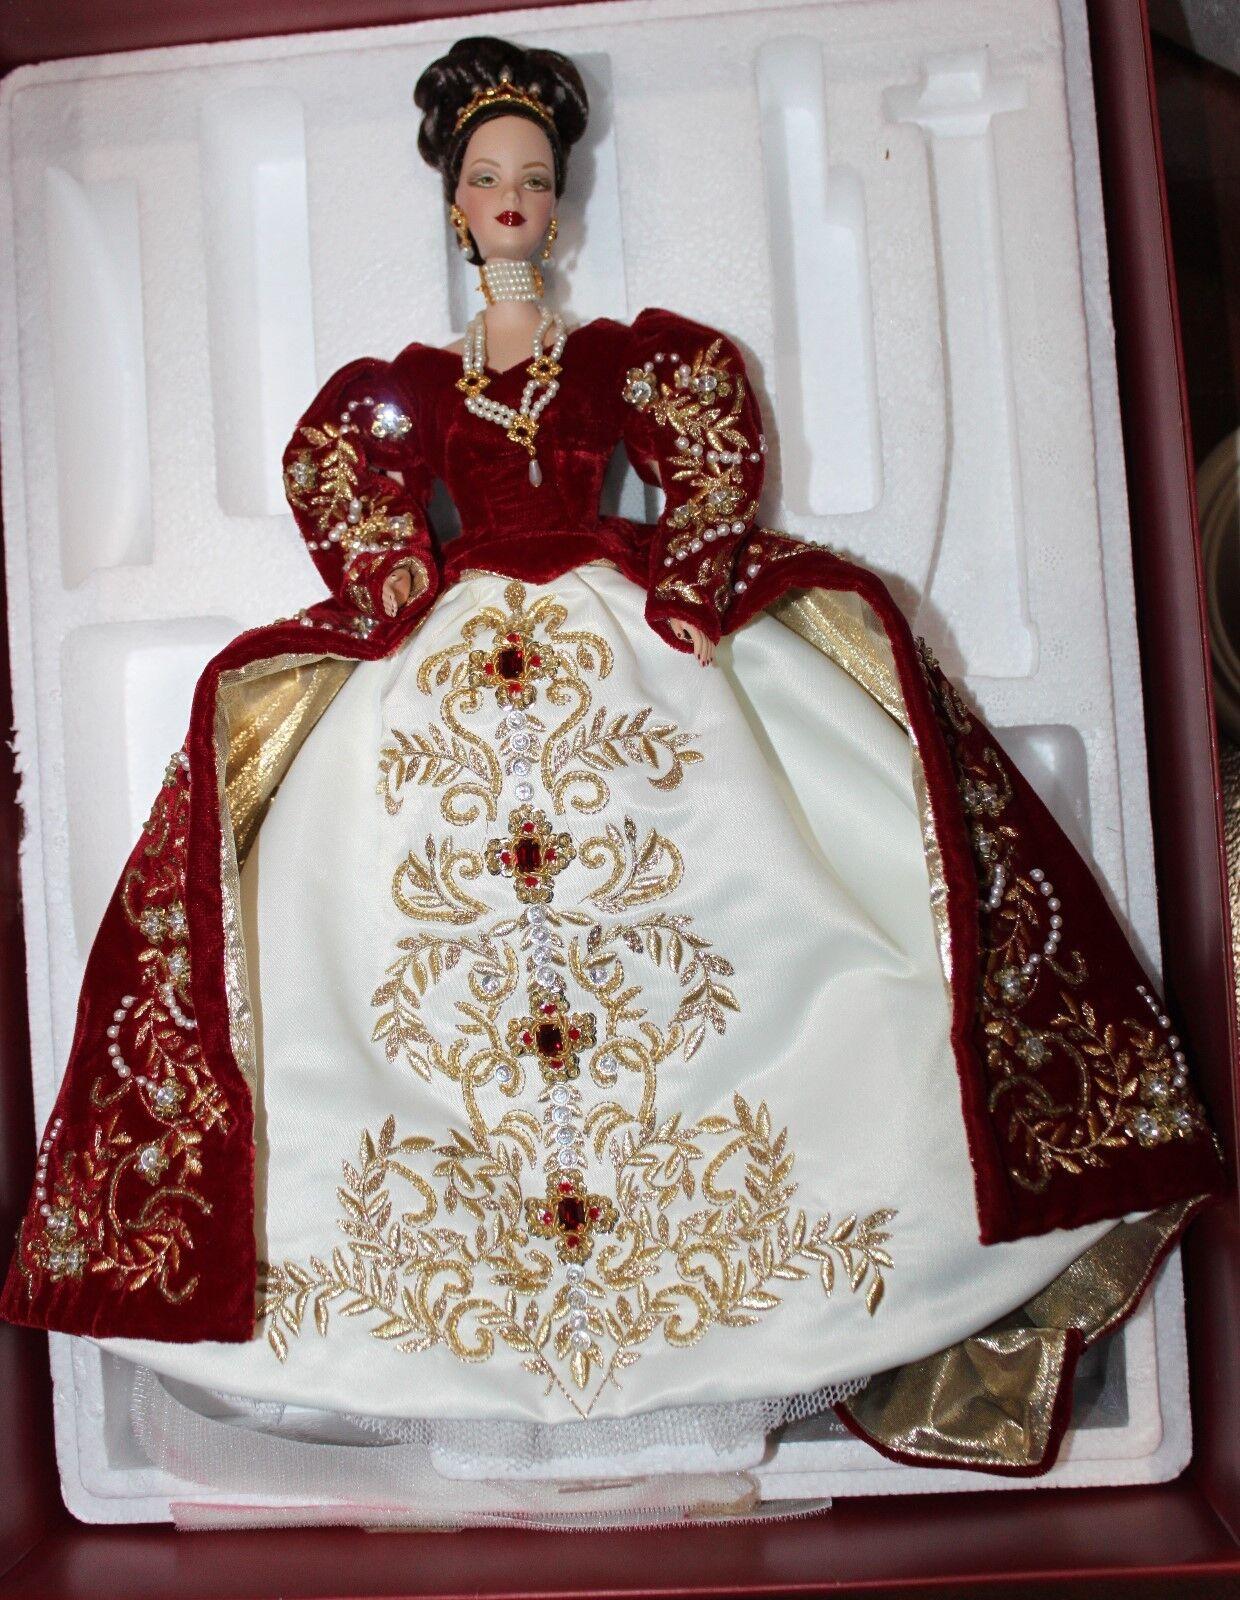 Imperial Fabrege esplendor Porcelana Muñeca Barbie 2000 Edición Limitada 01528